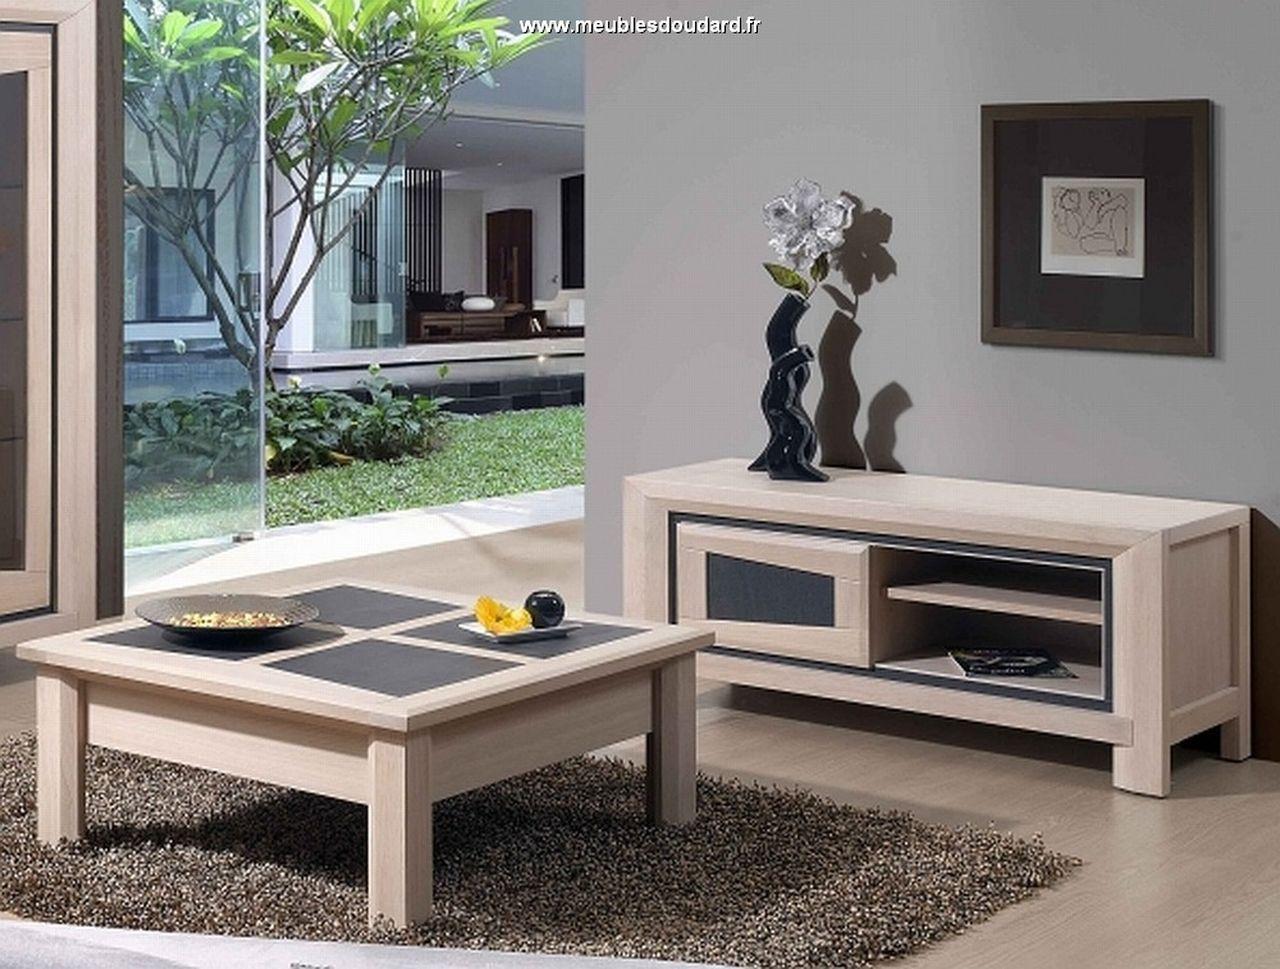 Meuble Moderne : Meuble tv moderne en bois contemporain chêne